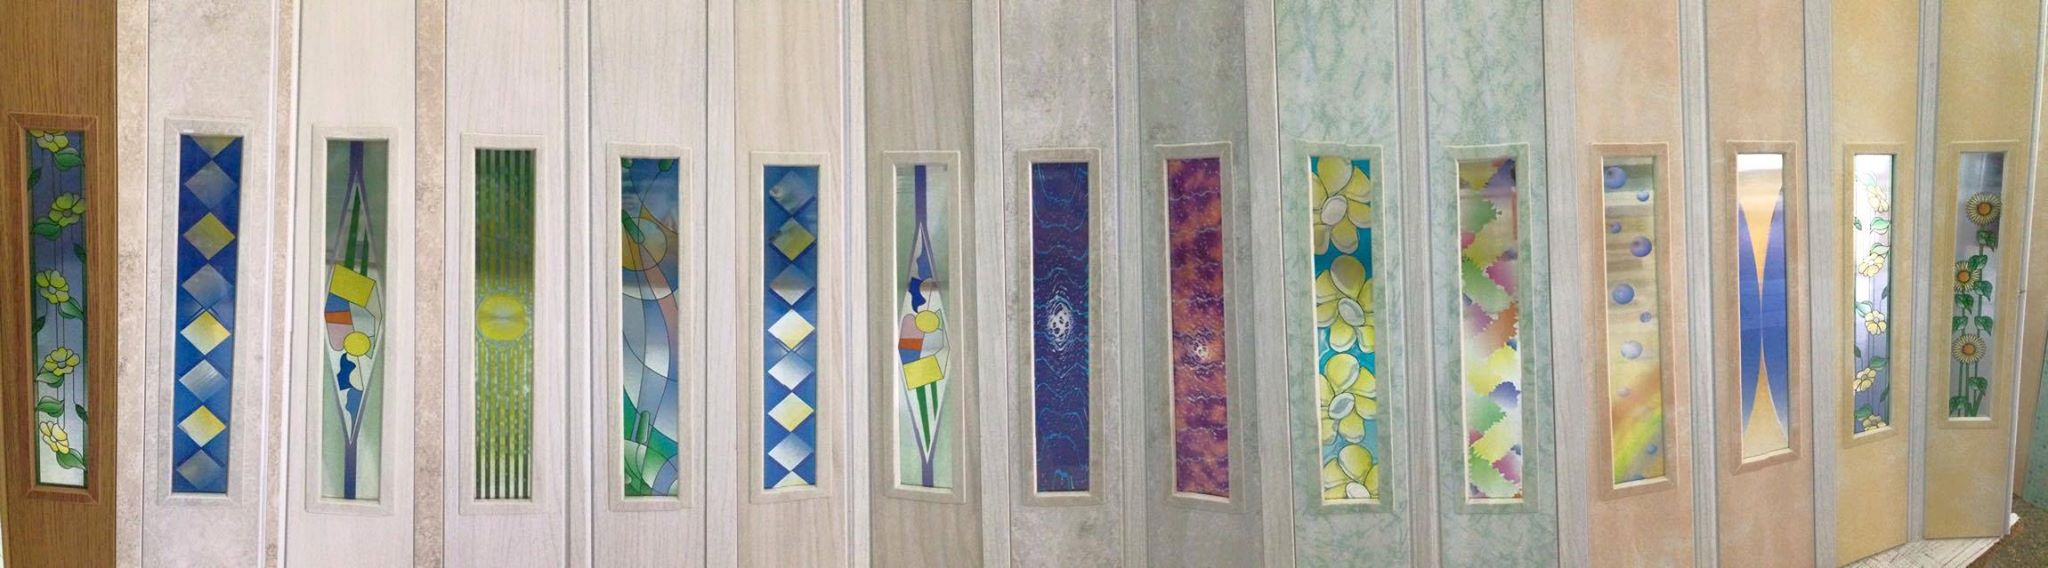 Porte soffietto lecce nocco materie plastiche for Porte a soffietto amazon